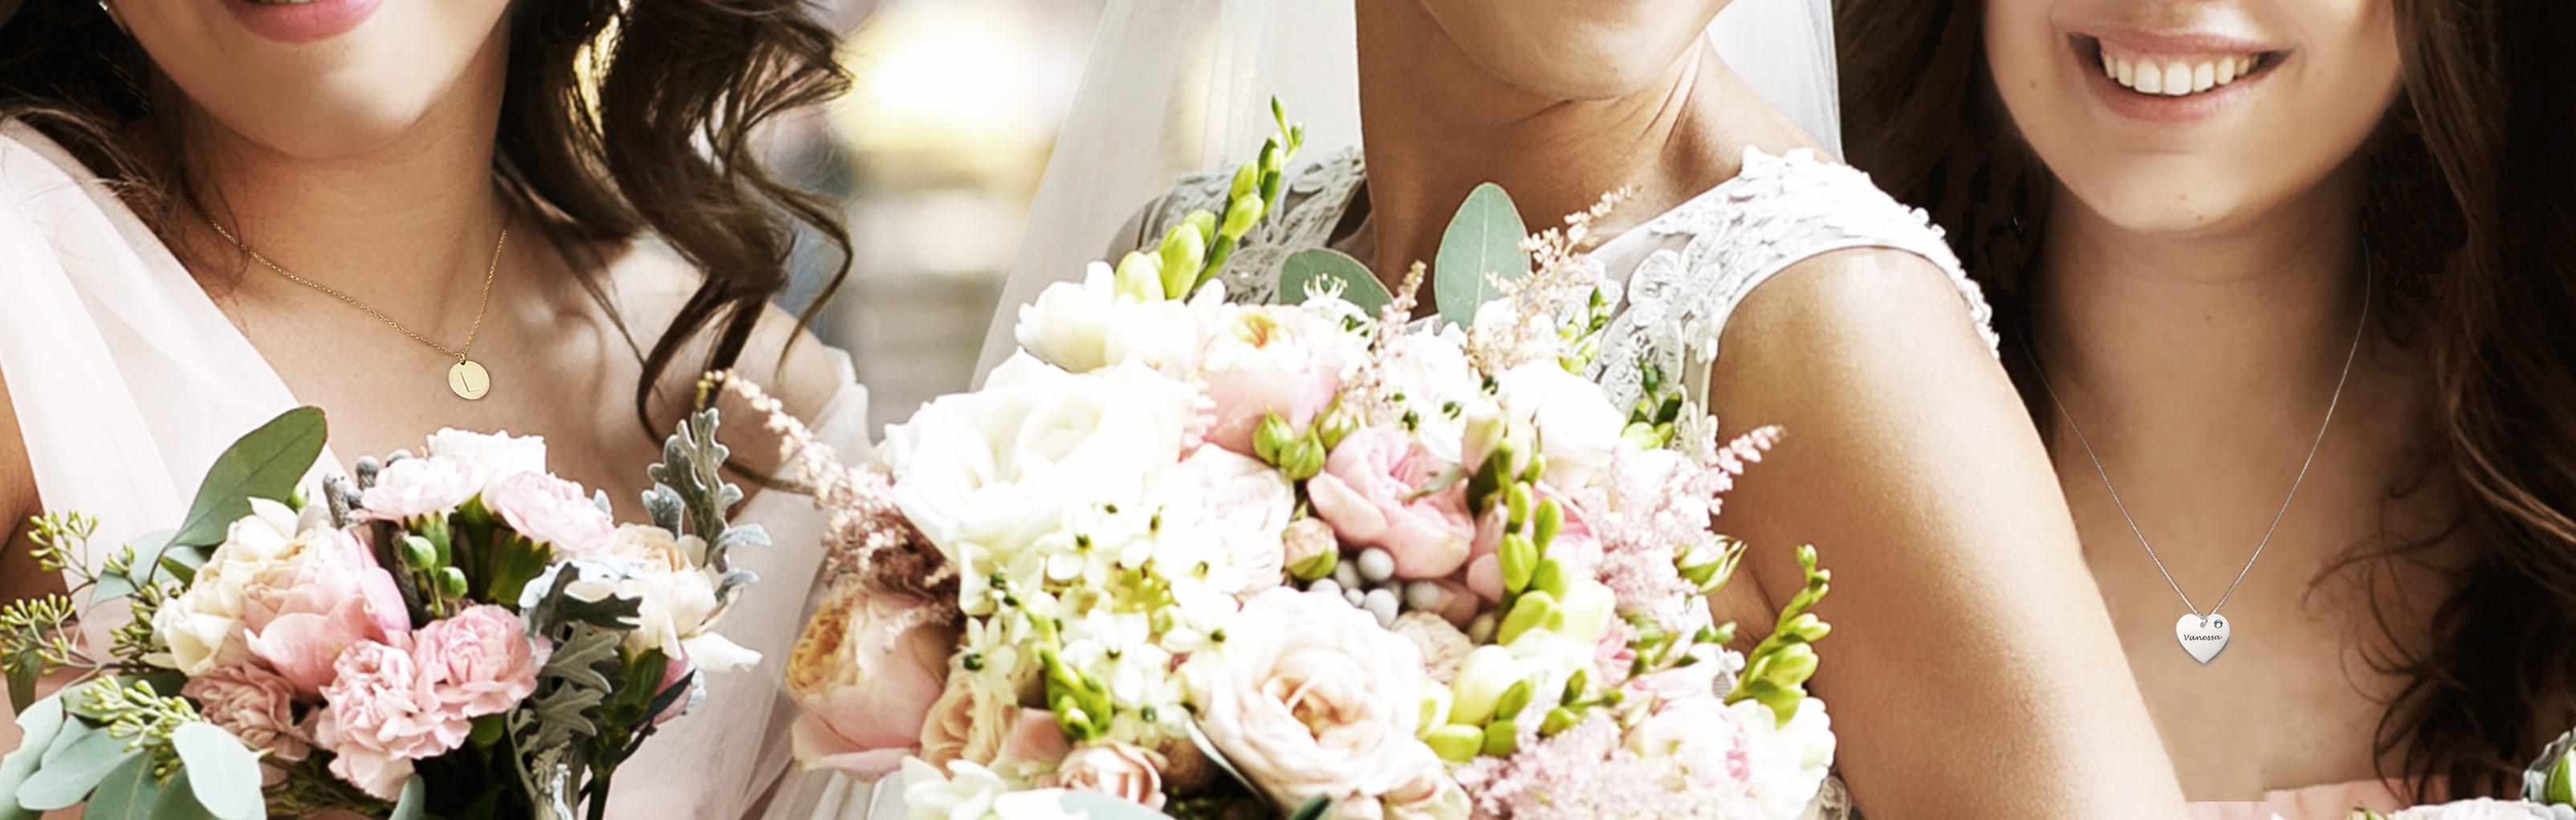 Top des bijoux de mariage cadeaux à moins de 40 €